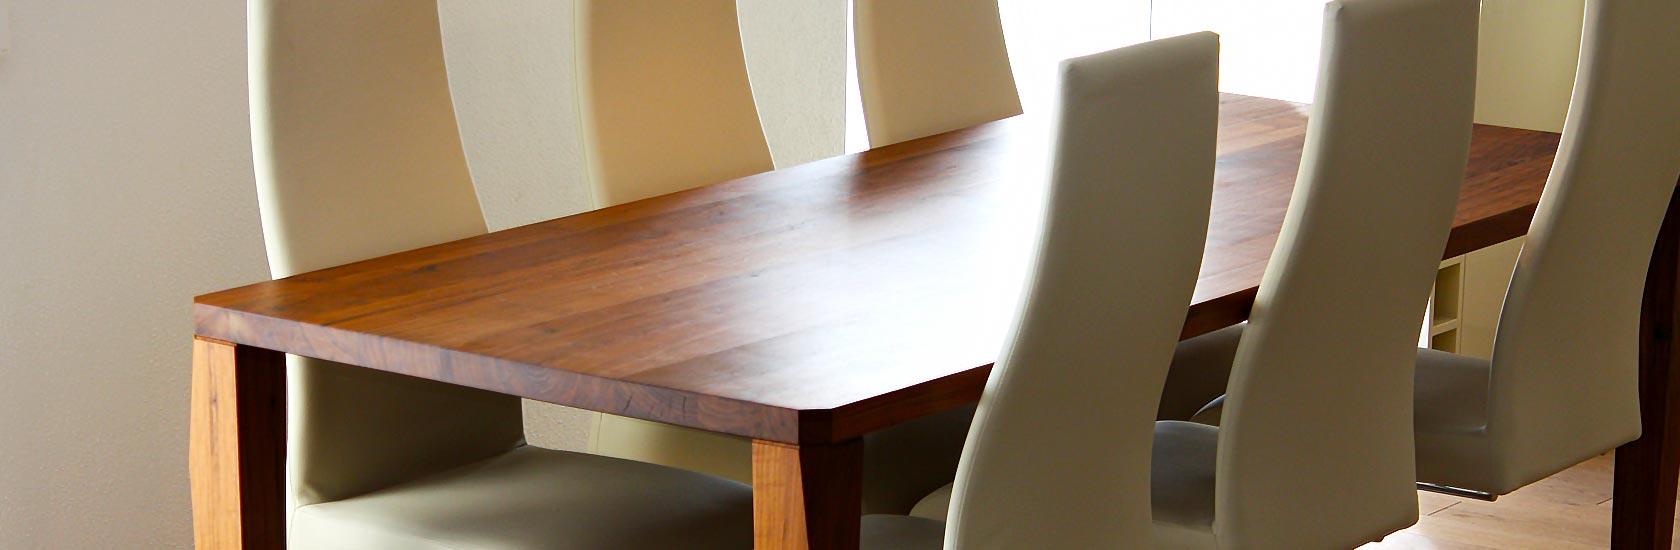 schreinerei schwarzmaier in starnberg meisterbetrieb home. Black Bedroom Furniture Sets. Home Design Ideas